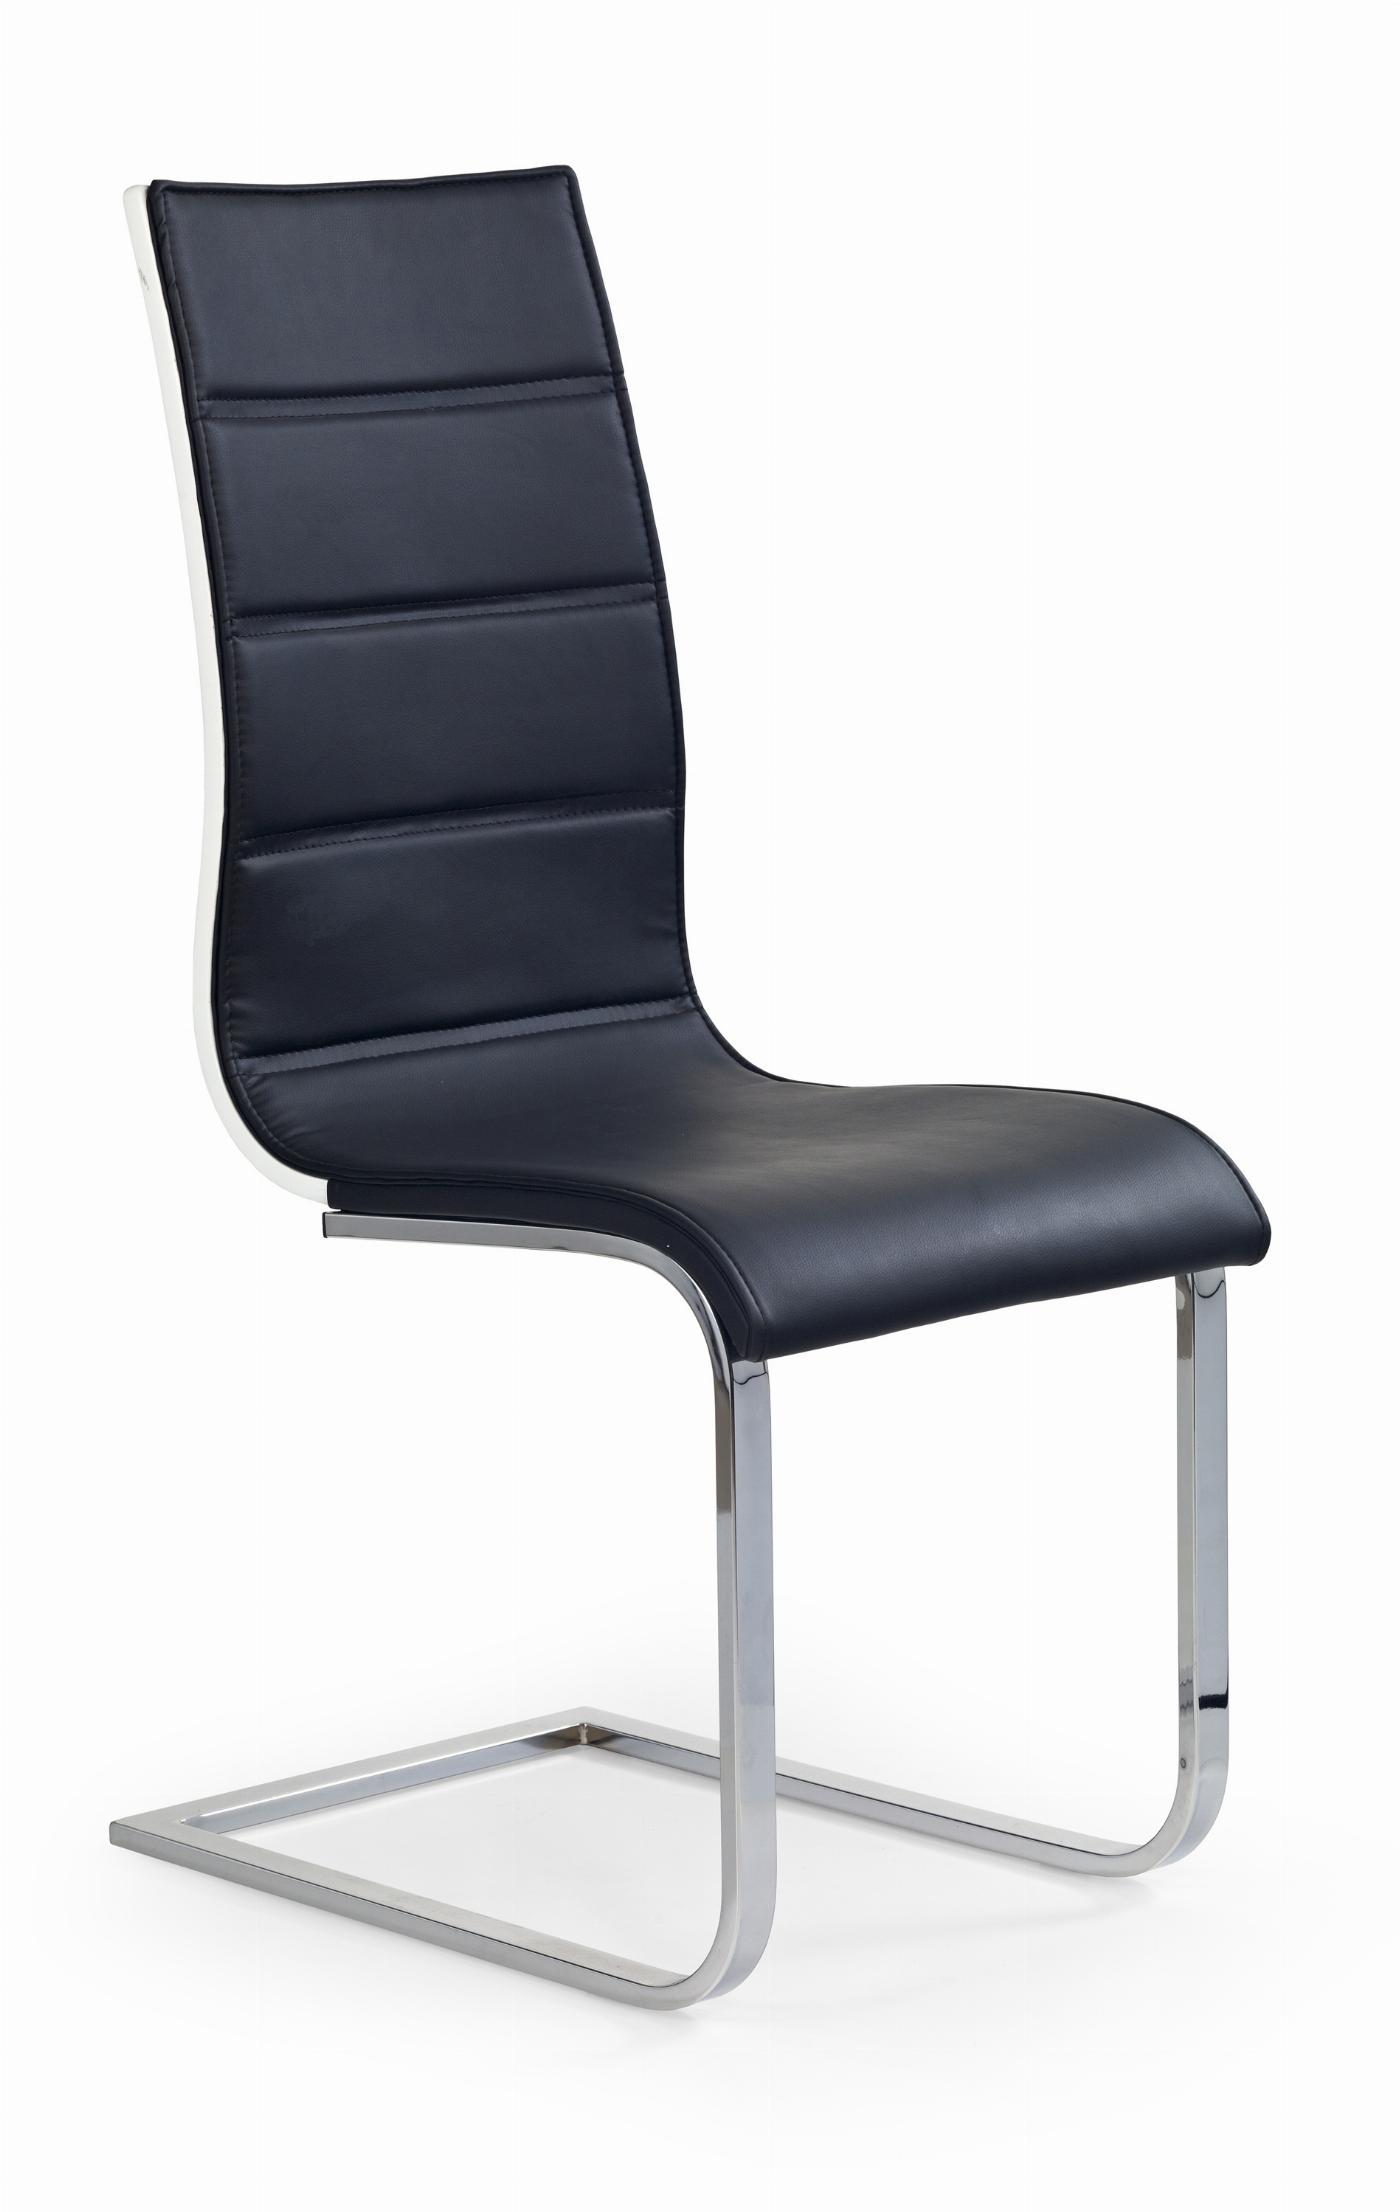 K104 krzesło czarny/biały ekoskóra (2p=4szt)